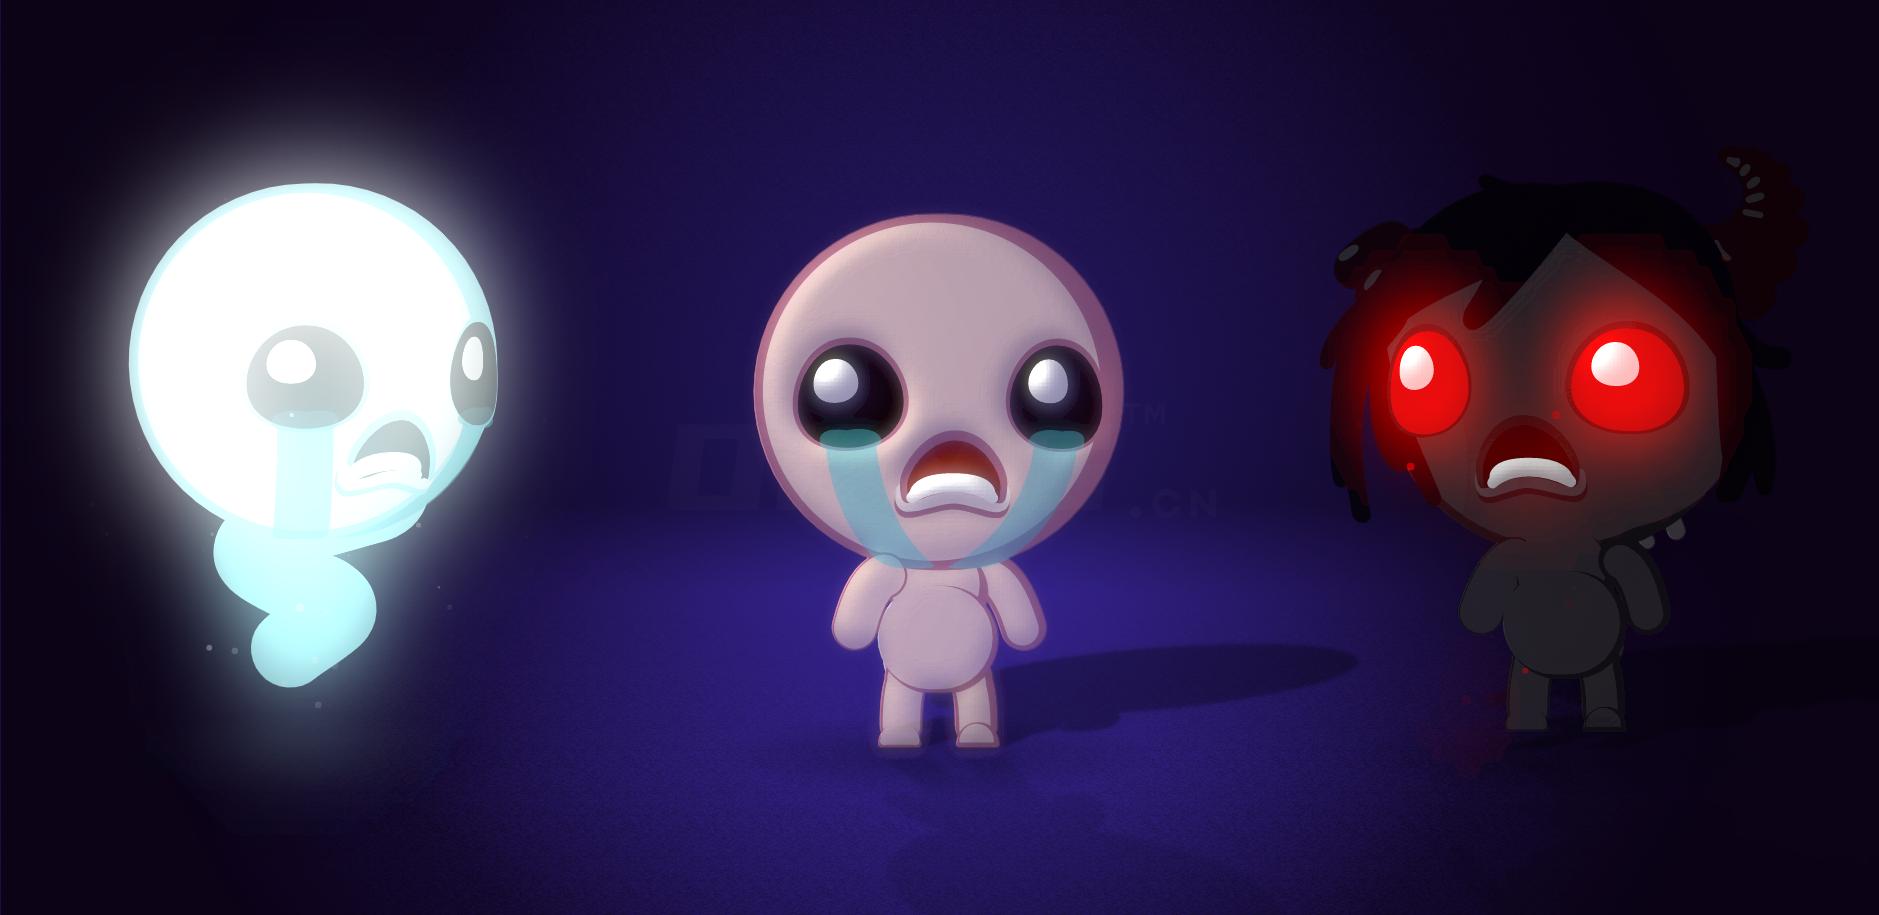 可爱的3D角色动画特效